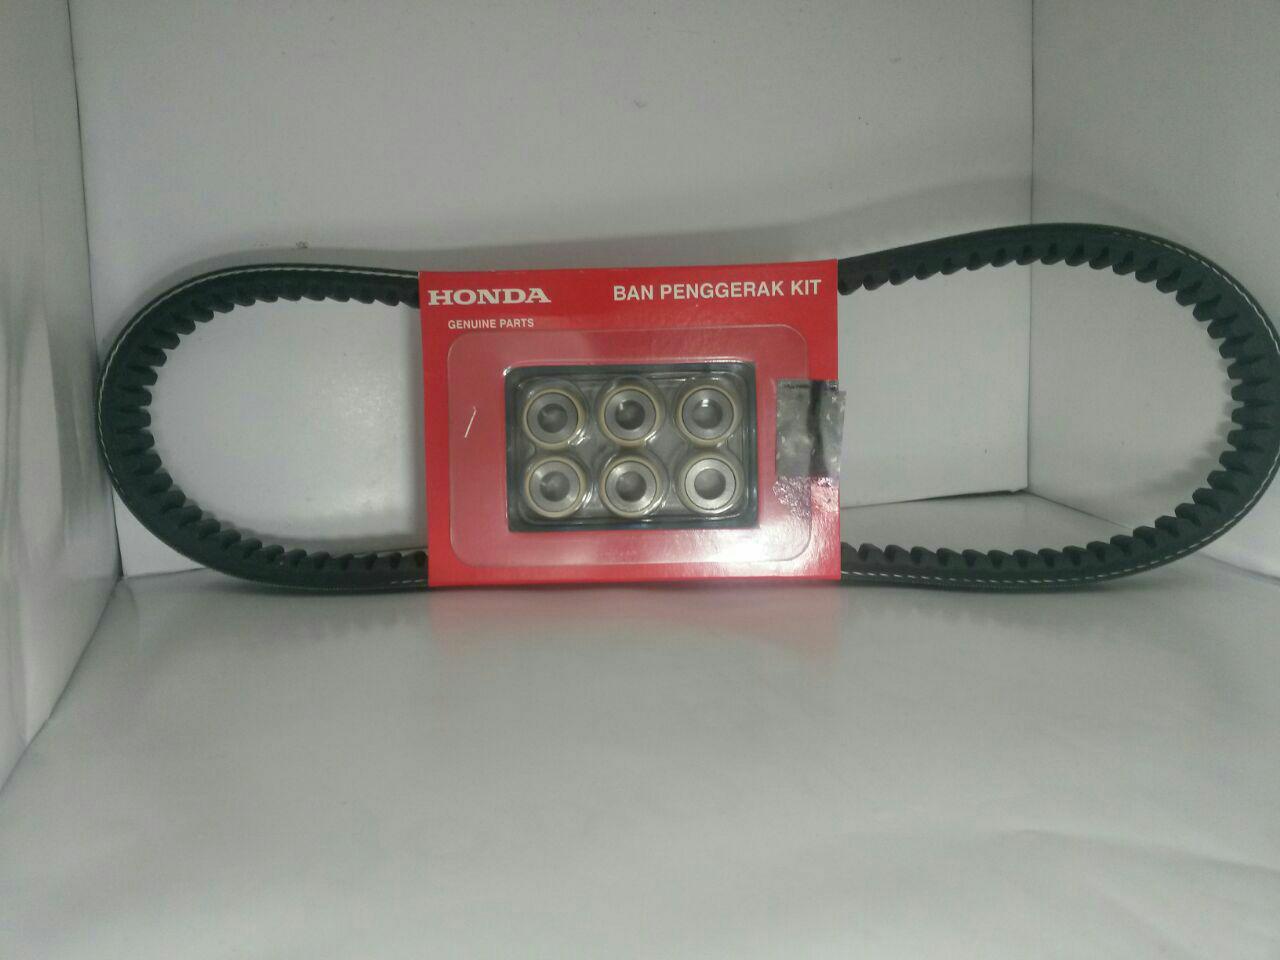 Produk Honda Termurah Terlengkap Roller Set Beat Lama Vbelt Fi 2300 Kzl Bo